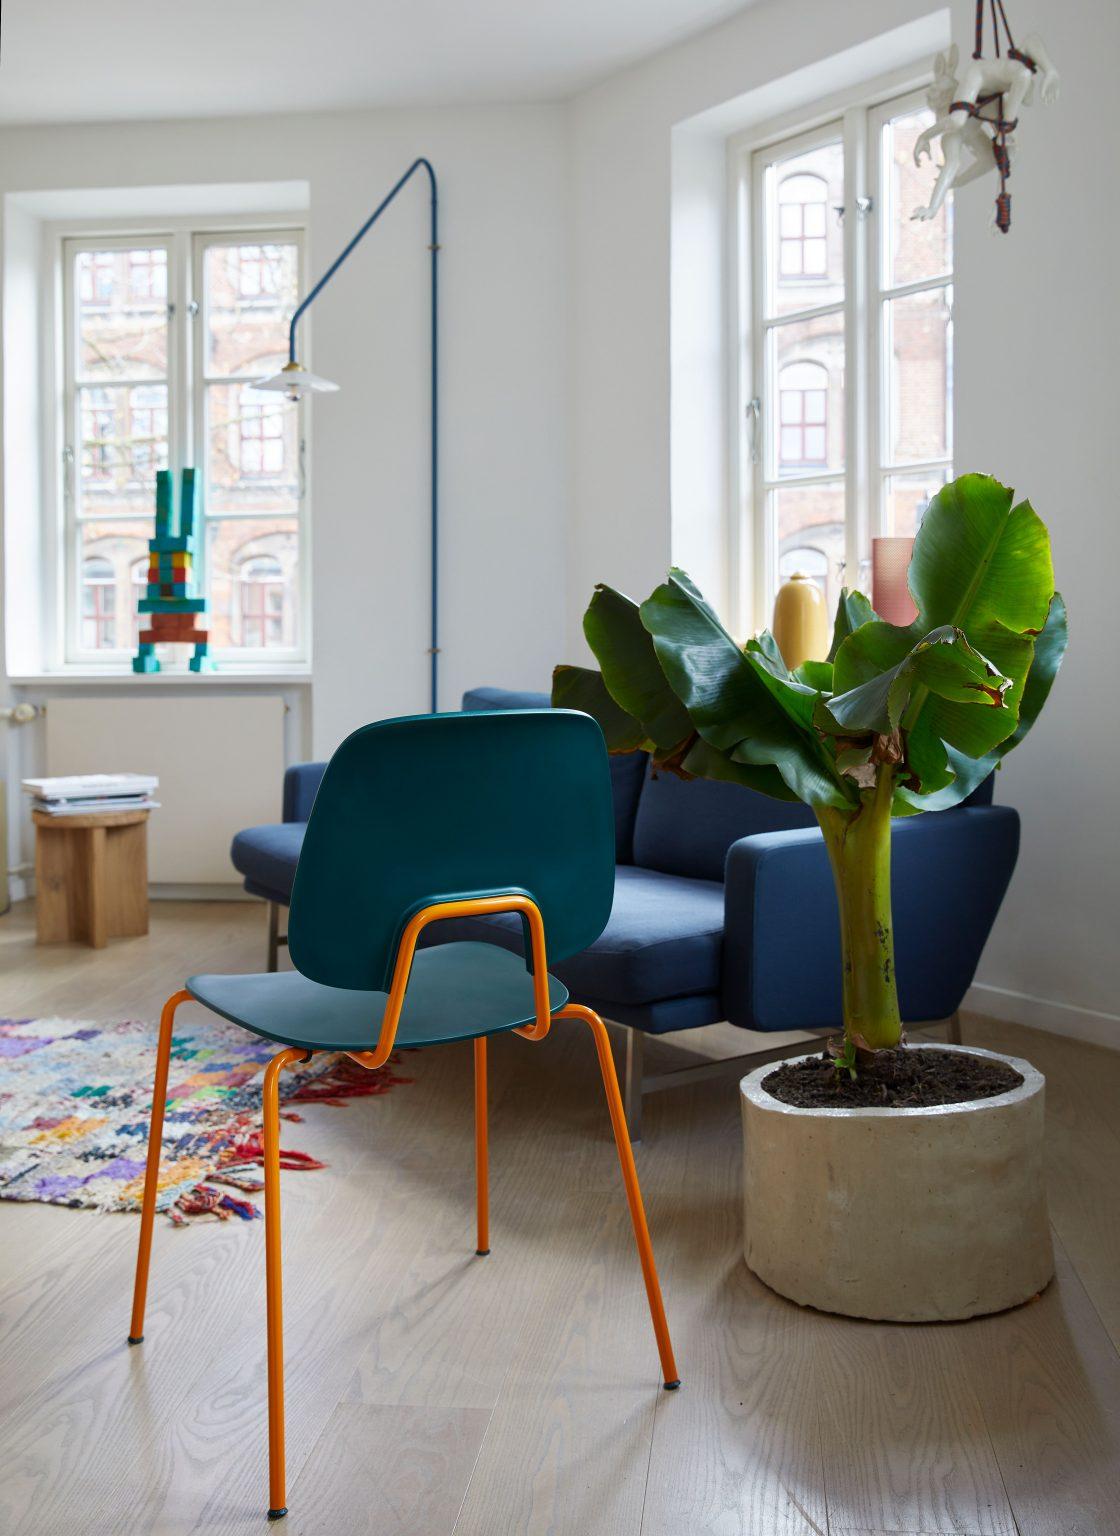 Biennale Interieur - Belgium's leading design and interior event - R.u.m.livingroom.jpeg